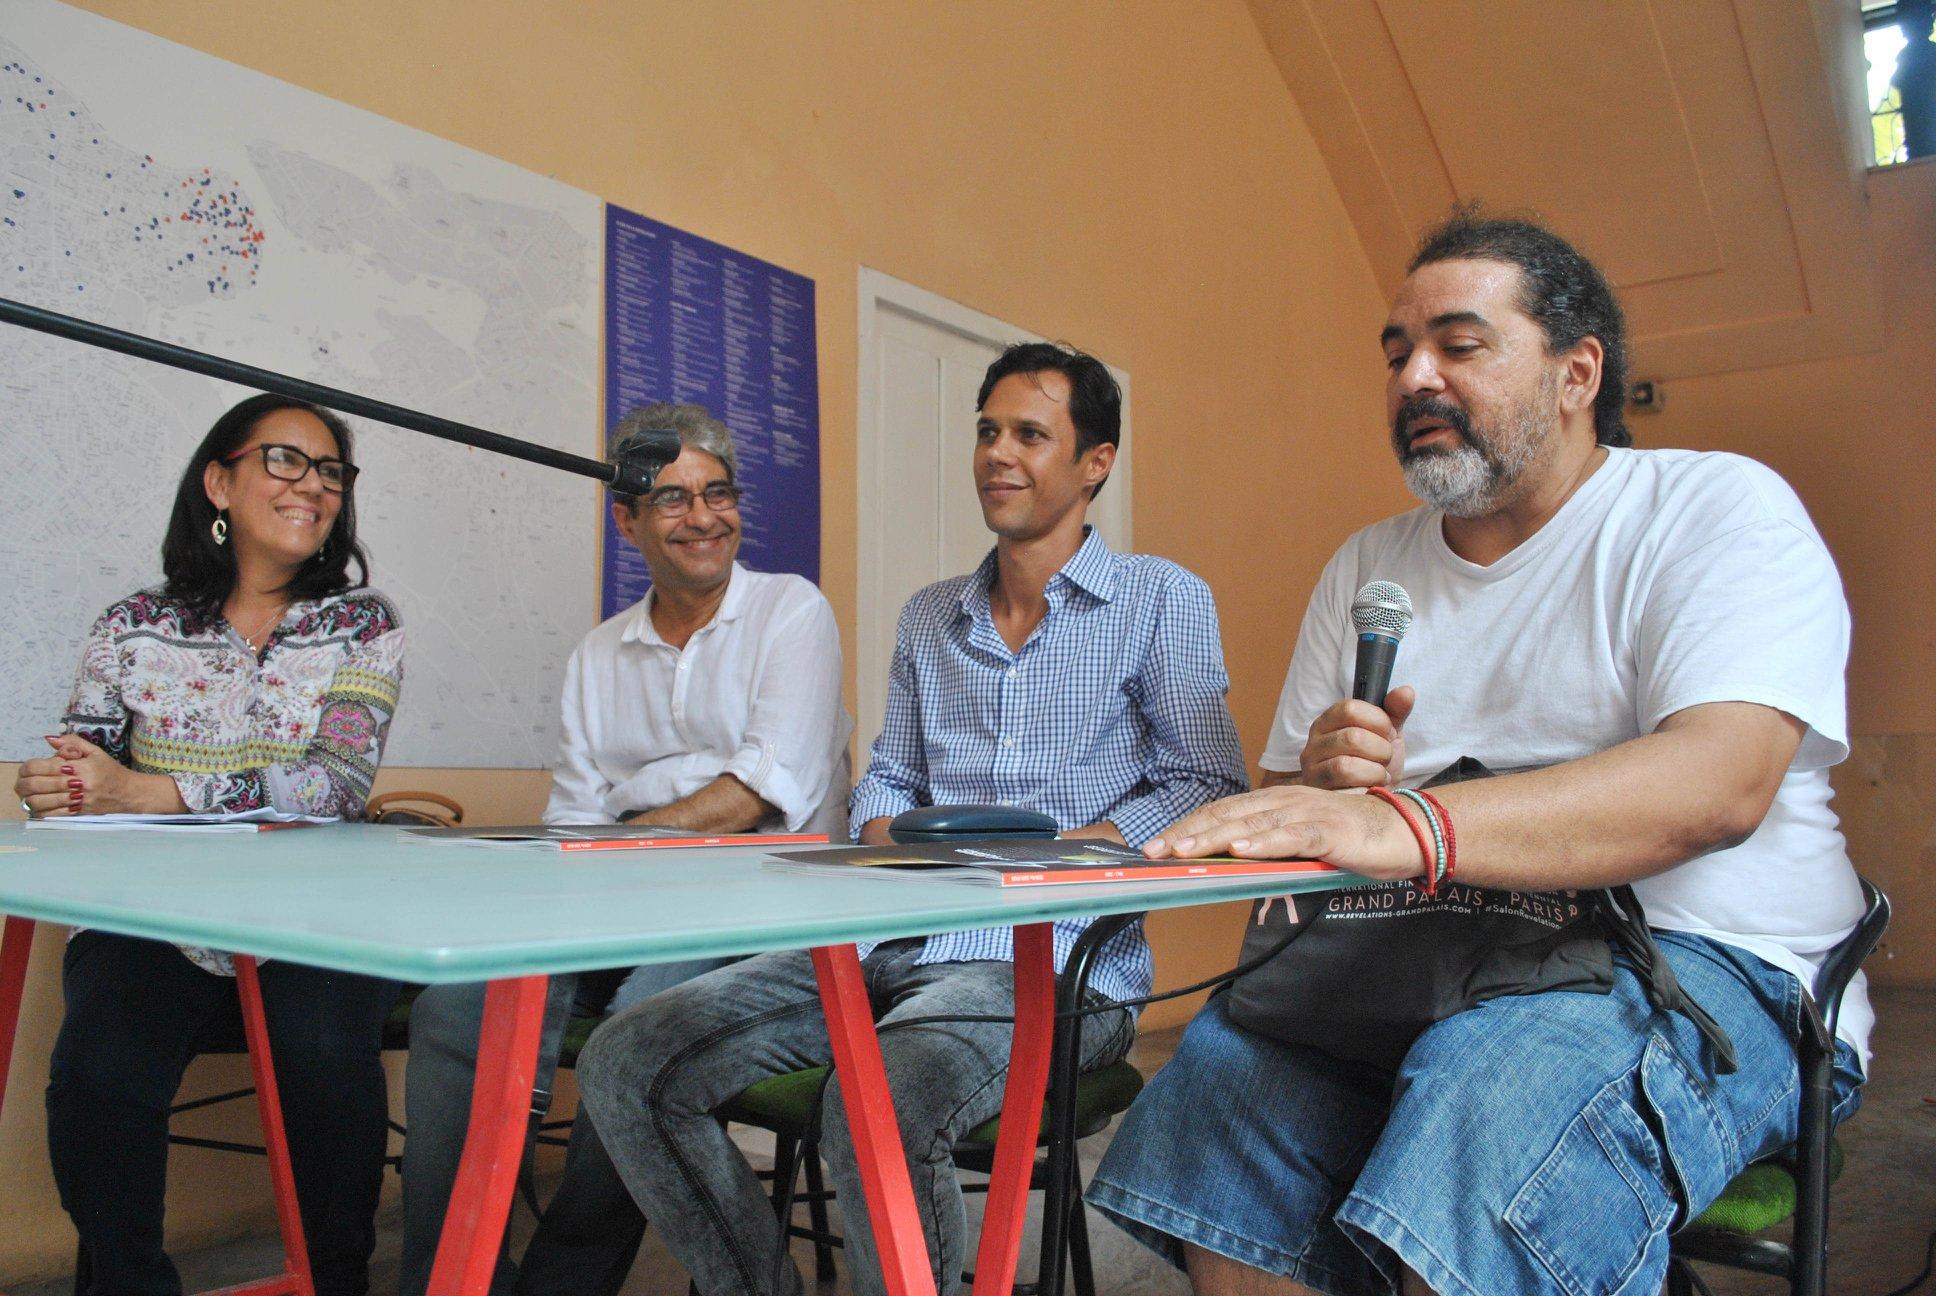 De izquierda a derecha: Norma Rodríguez Derivet, Jorge Ángel Hernández, Alain Cabrera y José Ángel Toirac